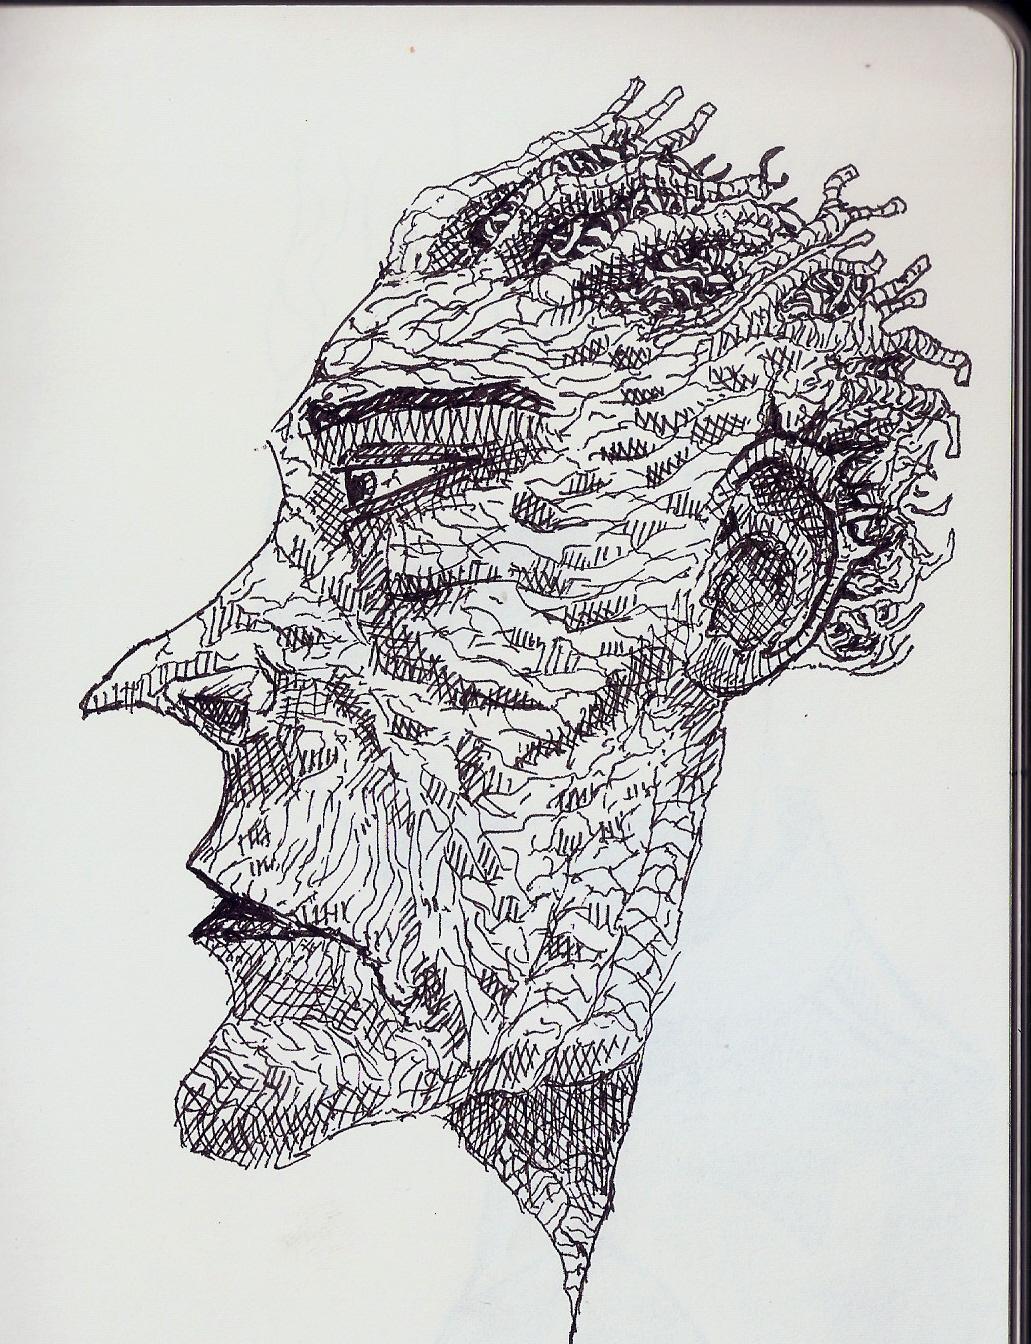 cofee shiop doodle 6